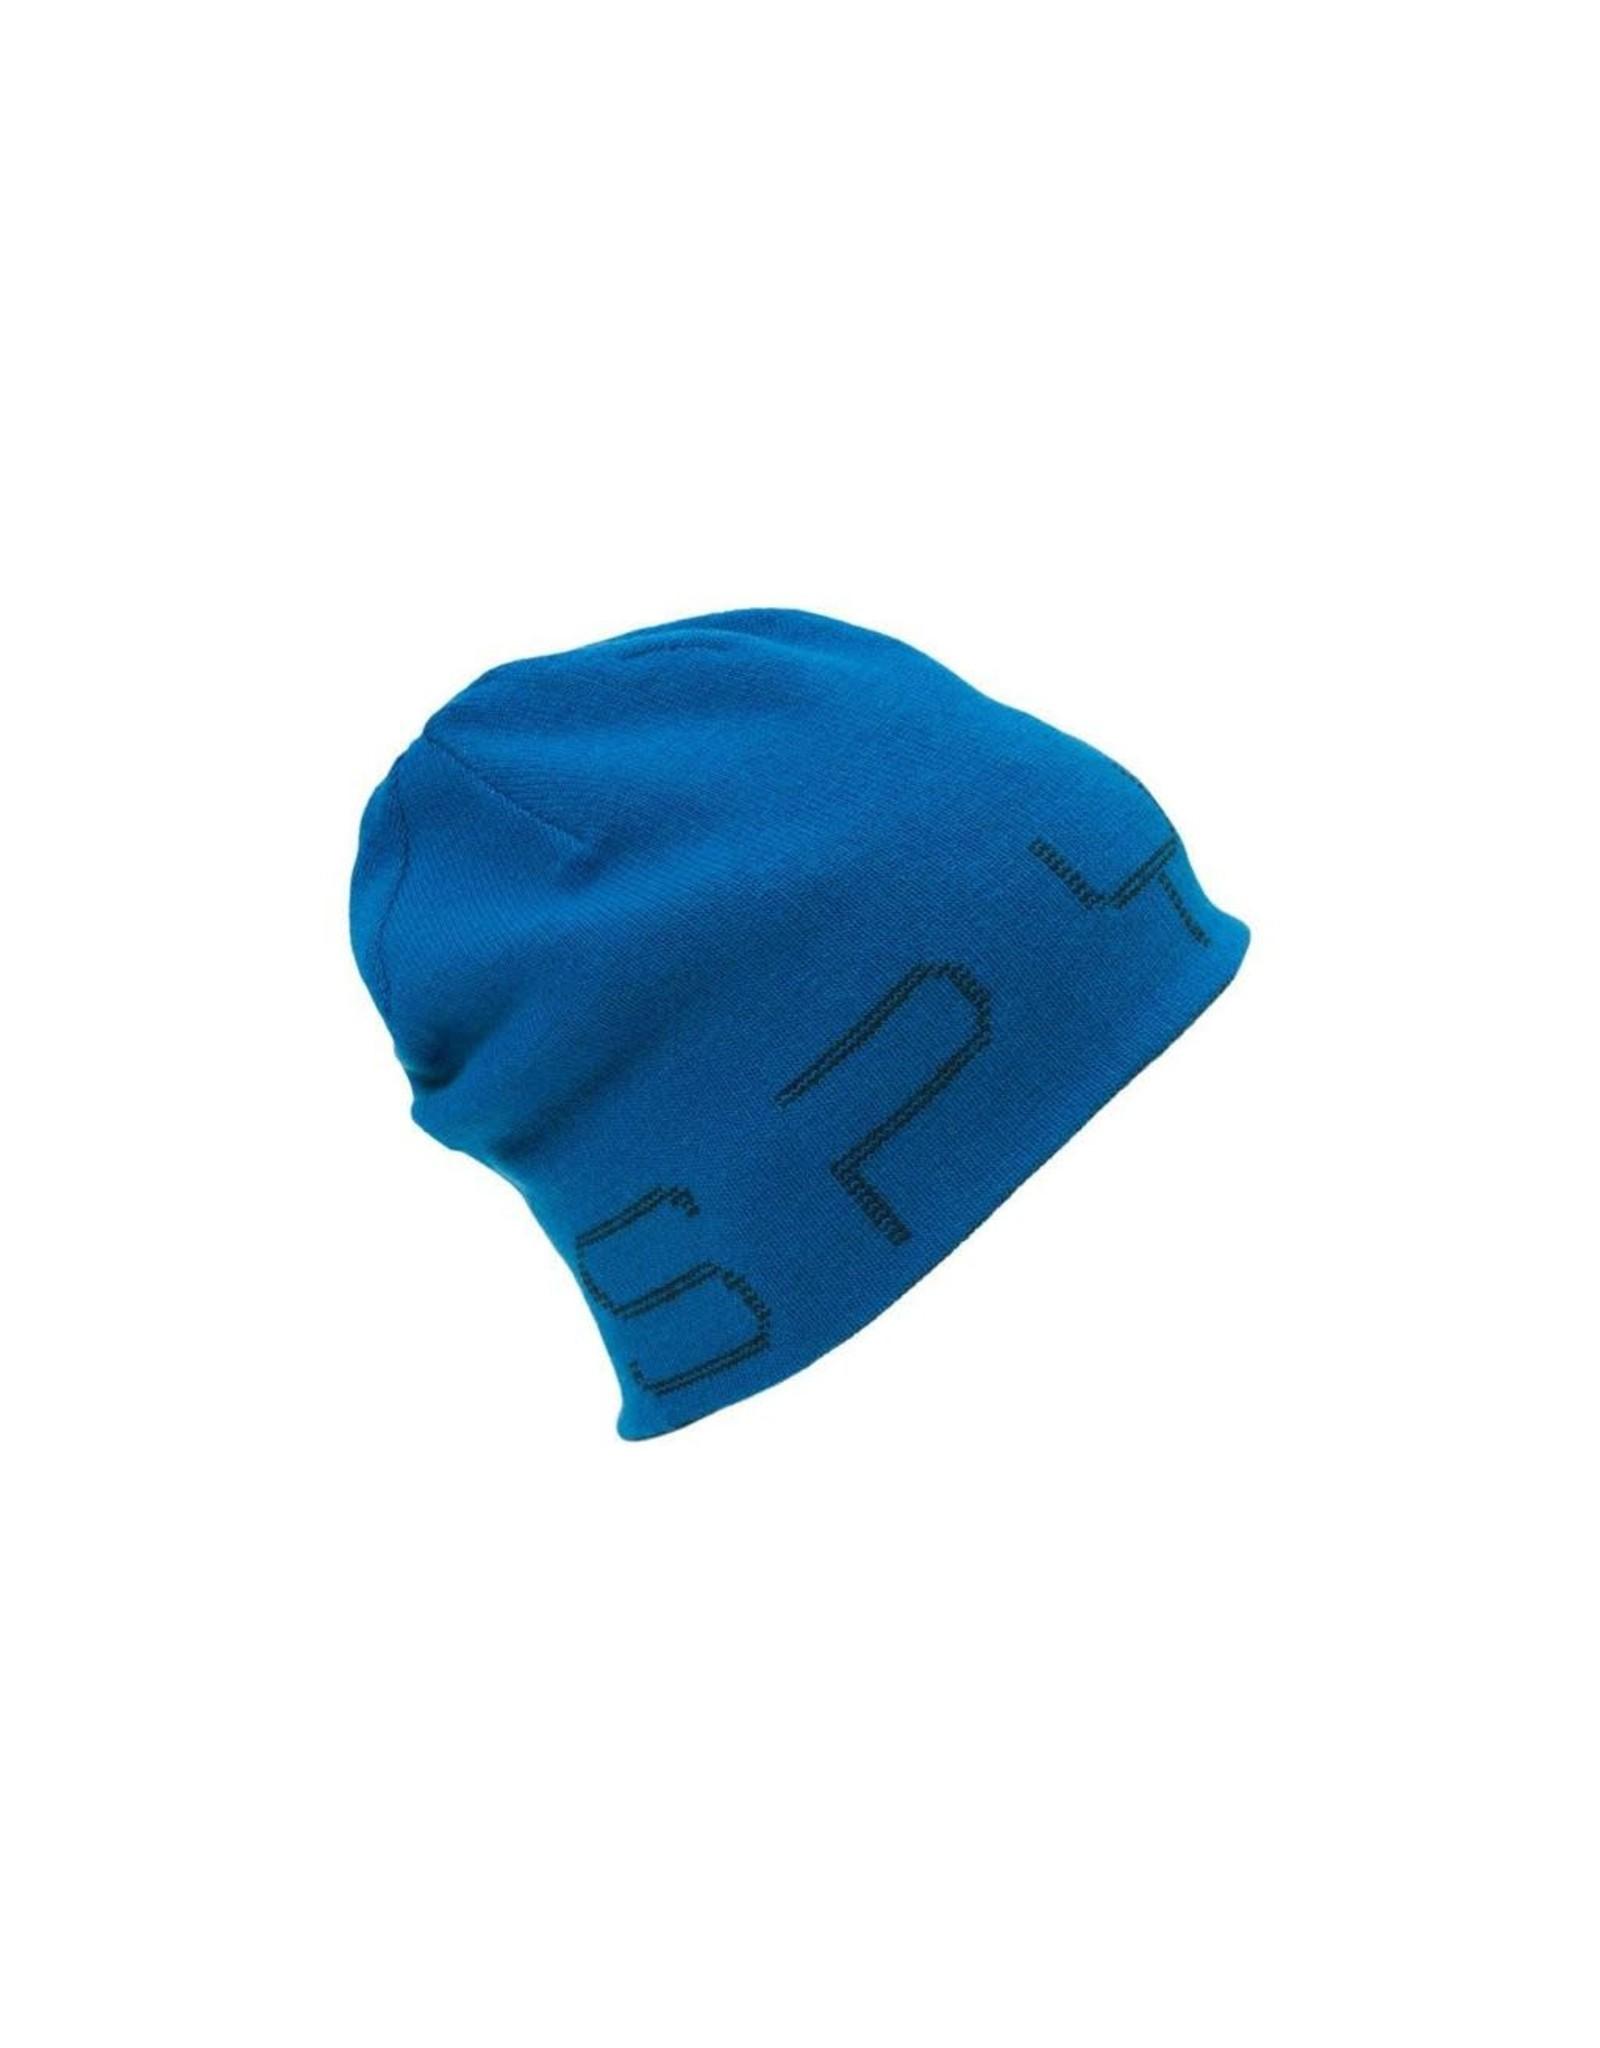 Spyder Spyder Men's Reversible Innsbruck Hat